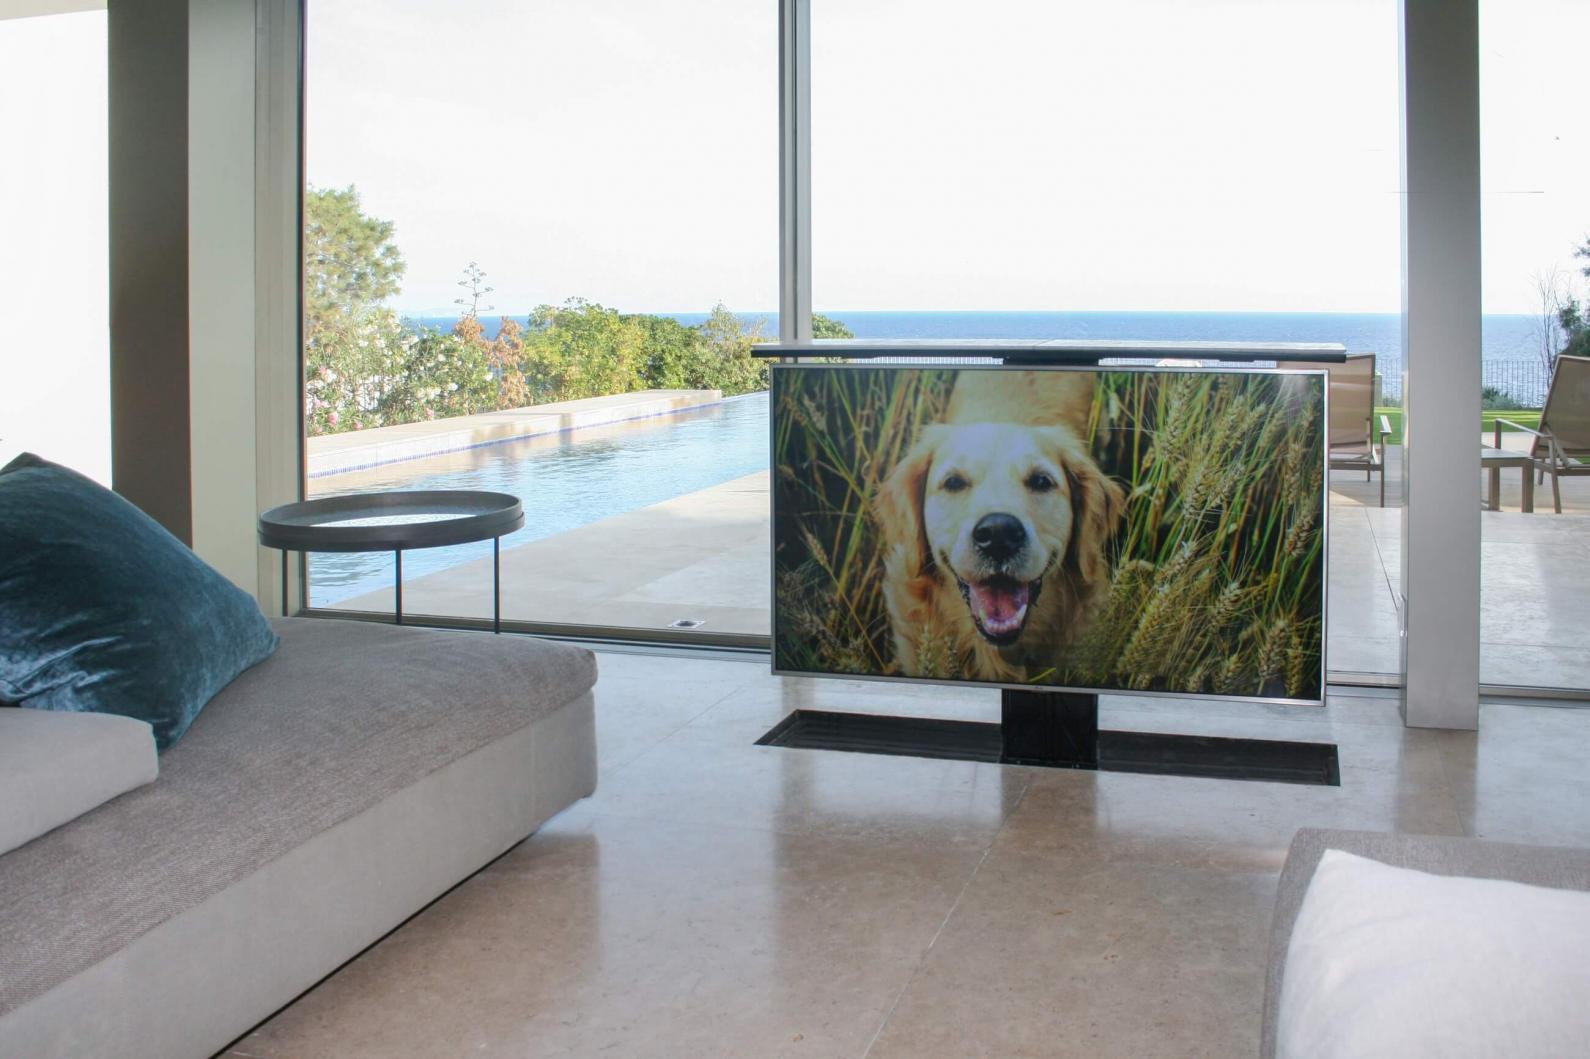 Ocultar una TV en el suelo es posible. Sistema de ocultación del televisor en el propio suelo de un chalet.